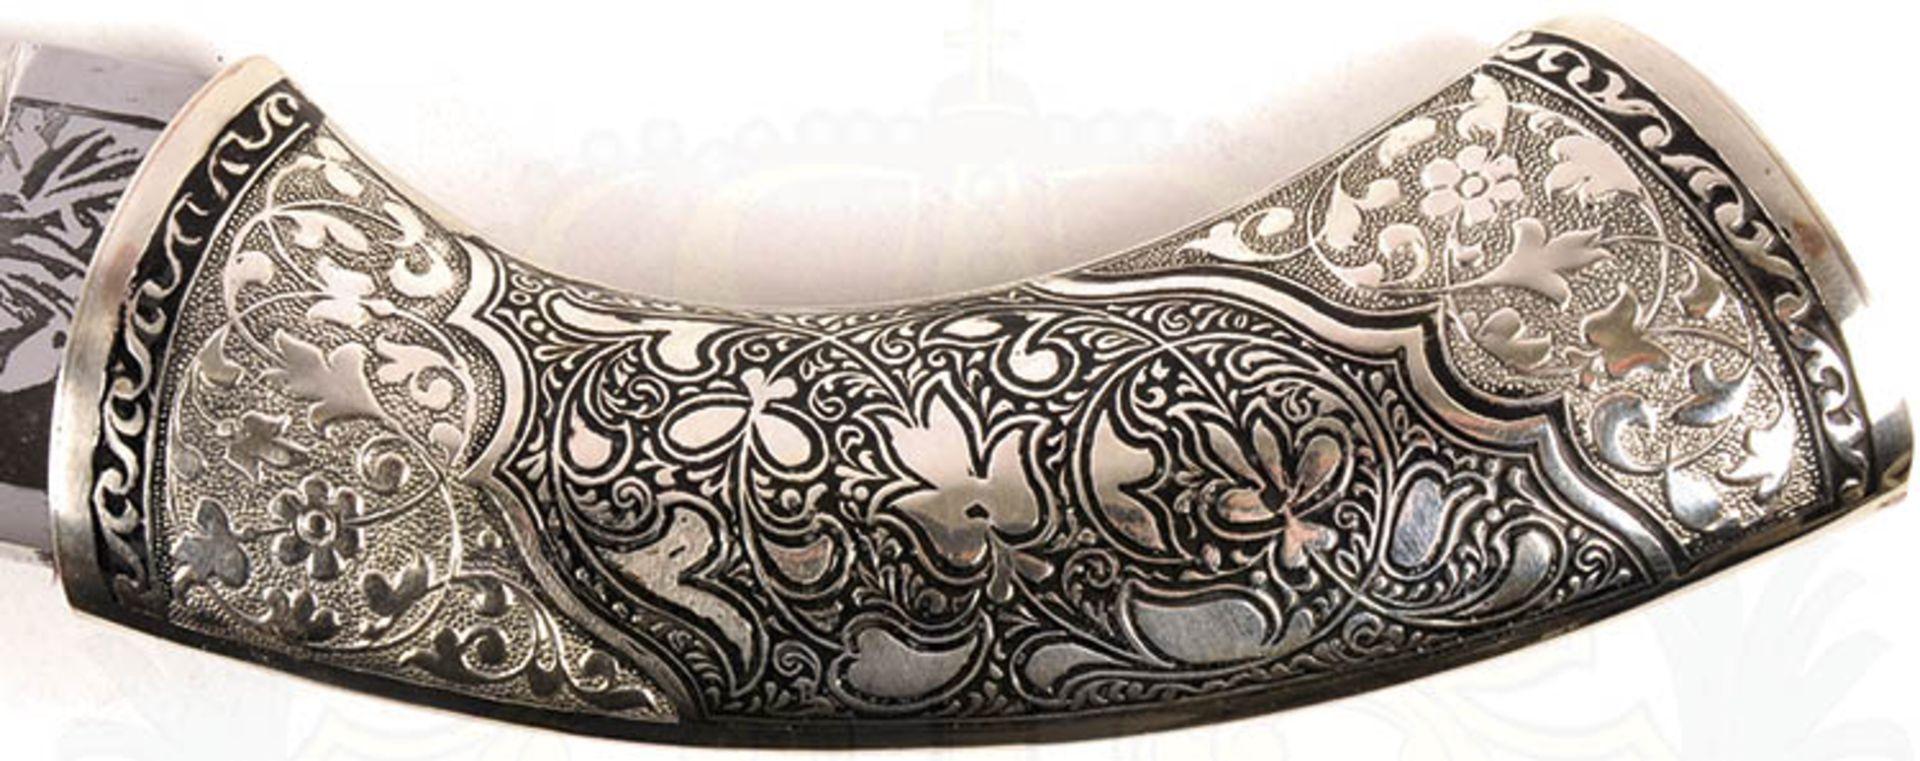 DOLCH, verm. Kaukasus, leicht gekrümmte Keilklinge, beids. Zierätzung, florale Ornamente u. - Bild 3 aus 4